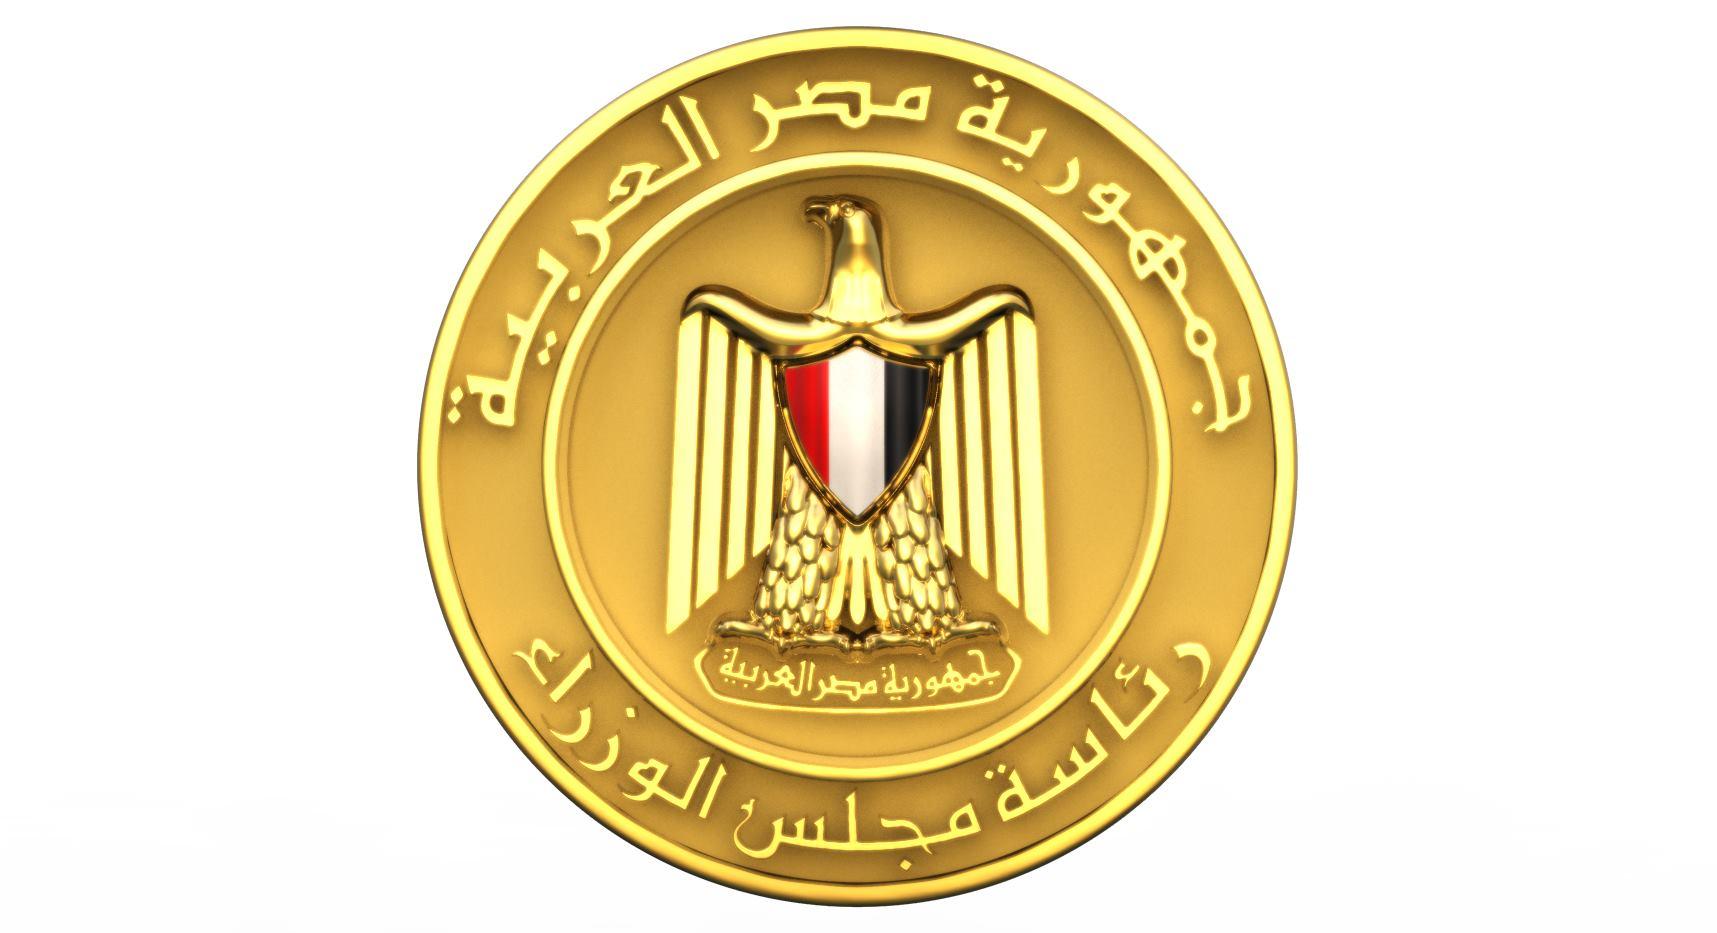 مجلس الوزراء ينعي وزير التعمير والإسكان الأسبق المهندس حسب الله الكفراوي